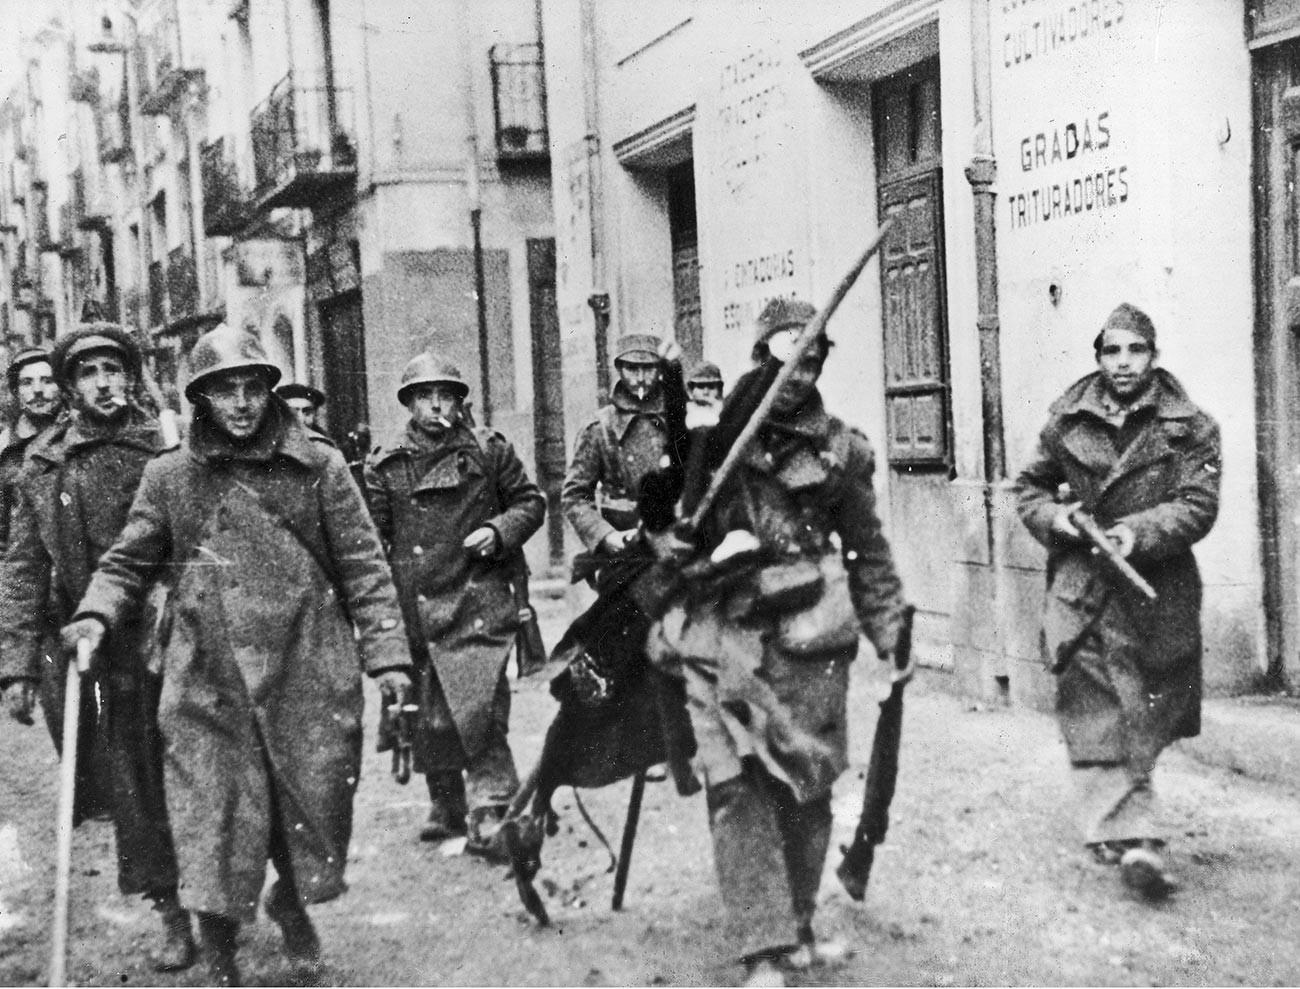 Республиканские солдаты Народного фронта Испании